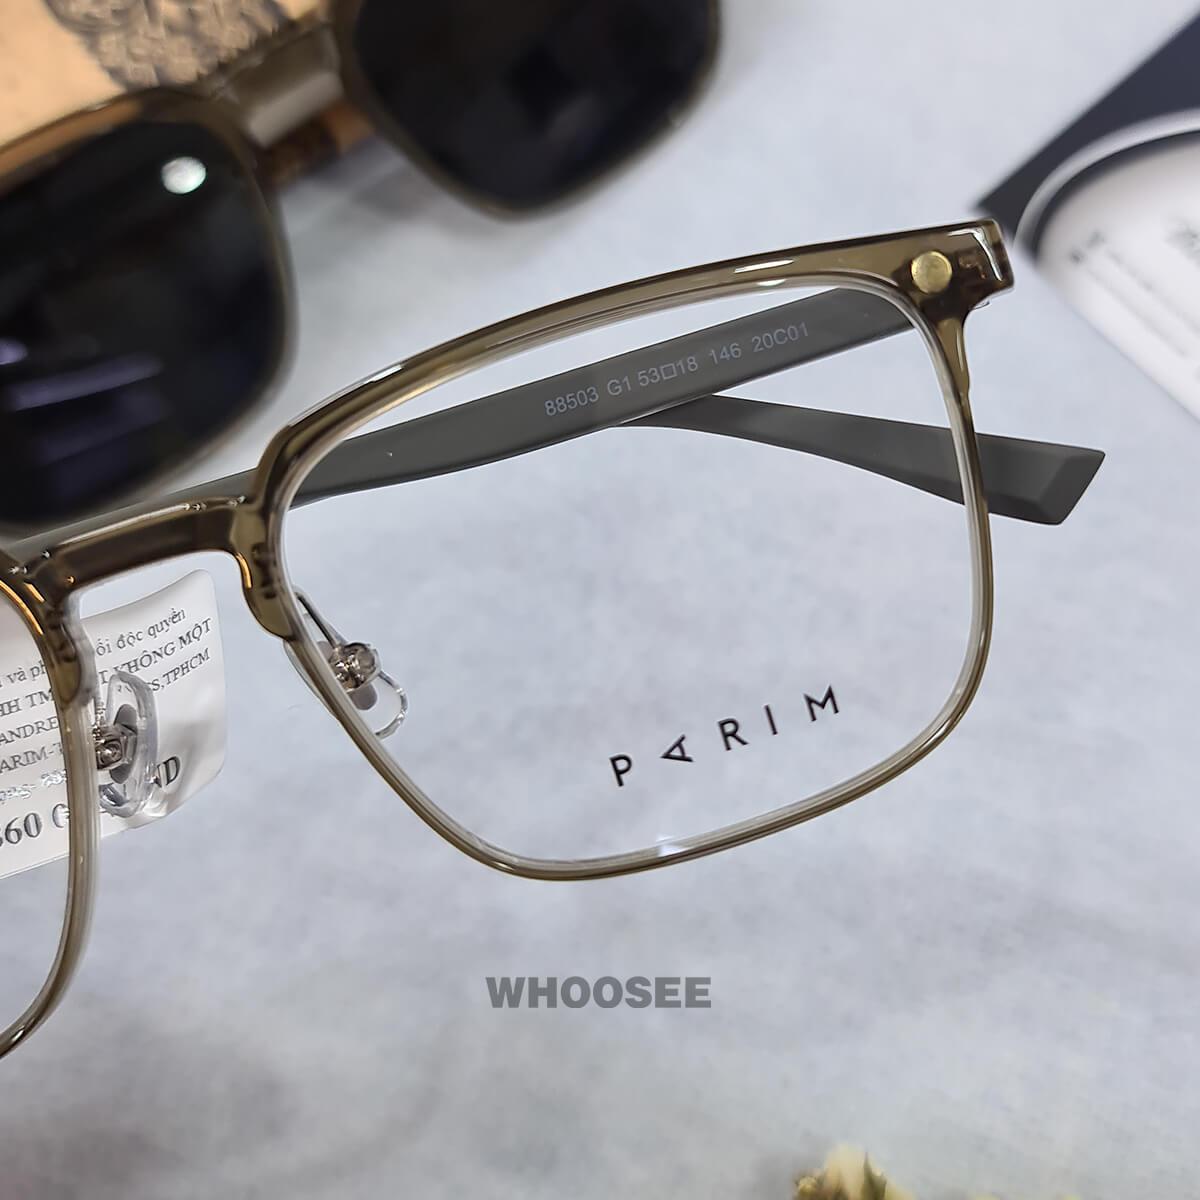 Gọng Kính Cận Nhựa 88503 G1 Parim